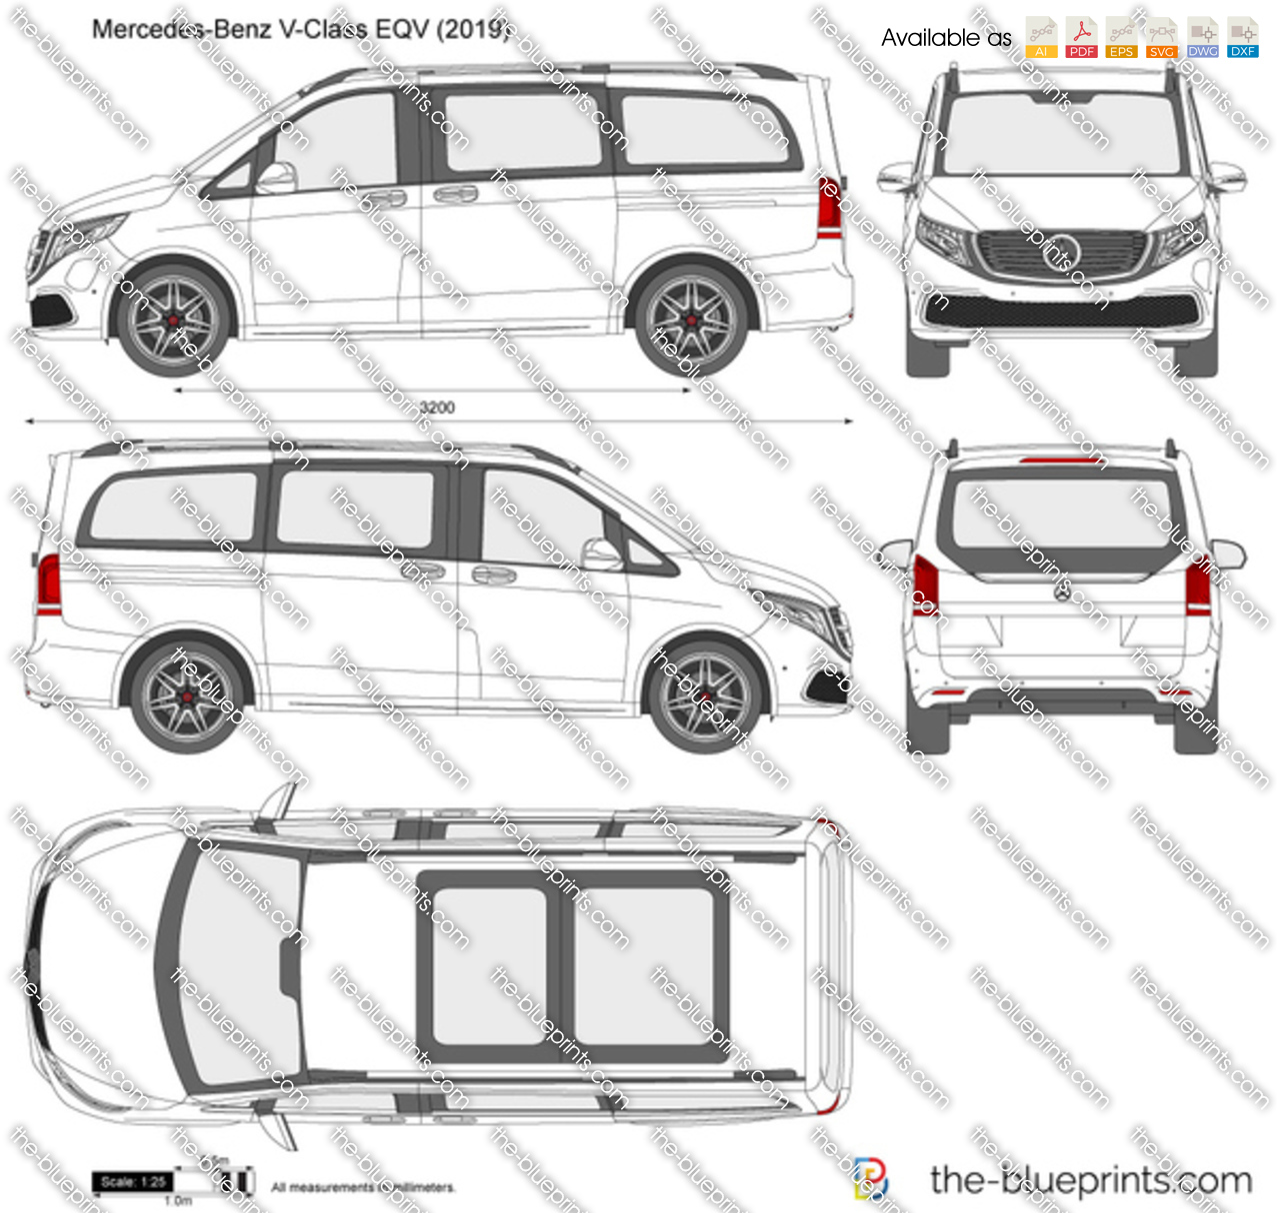 Mercedes-Benz V-Class EQV Vector Drawing